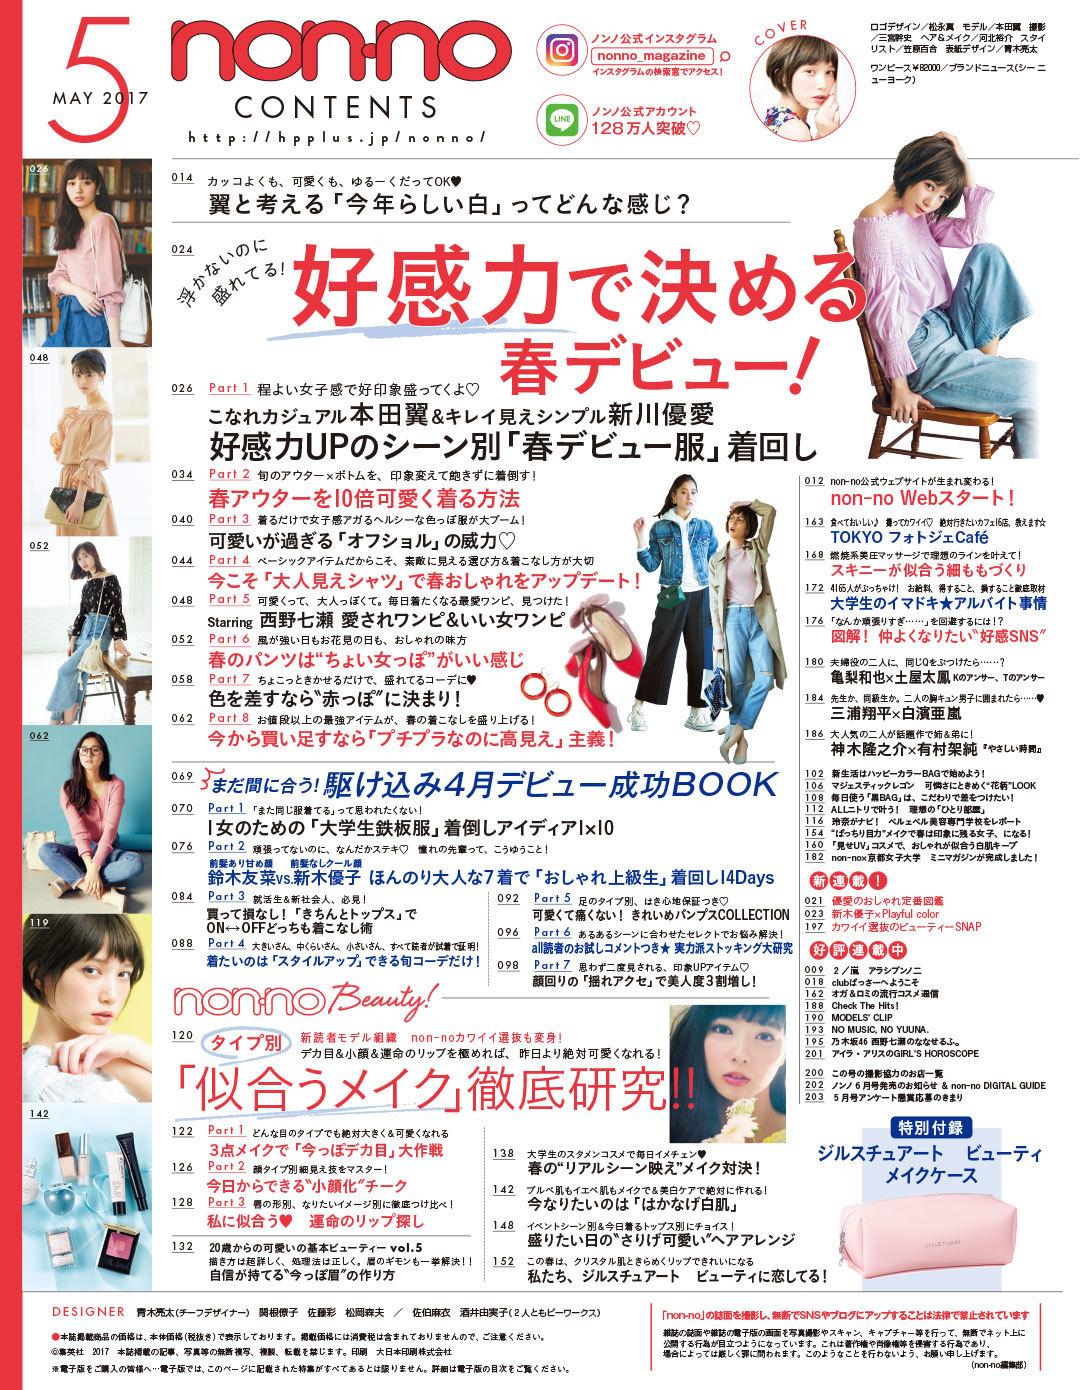 3月20日☆non-no(ノンノ)5月号発売! 今月のみどころをチェック☆_1_8